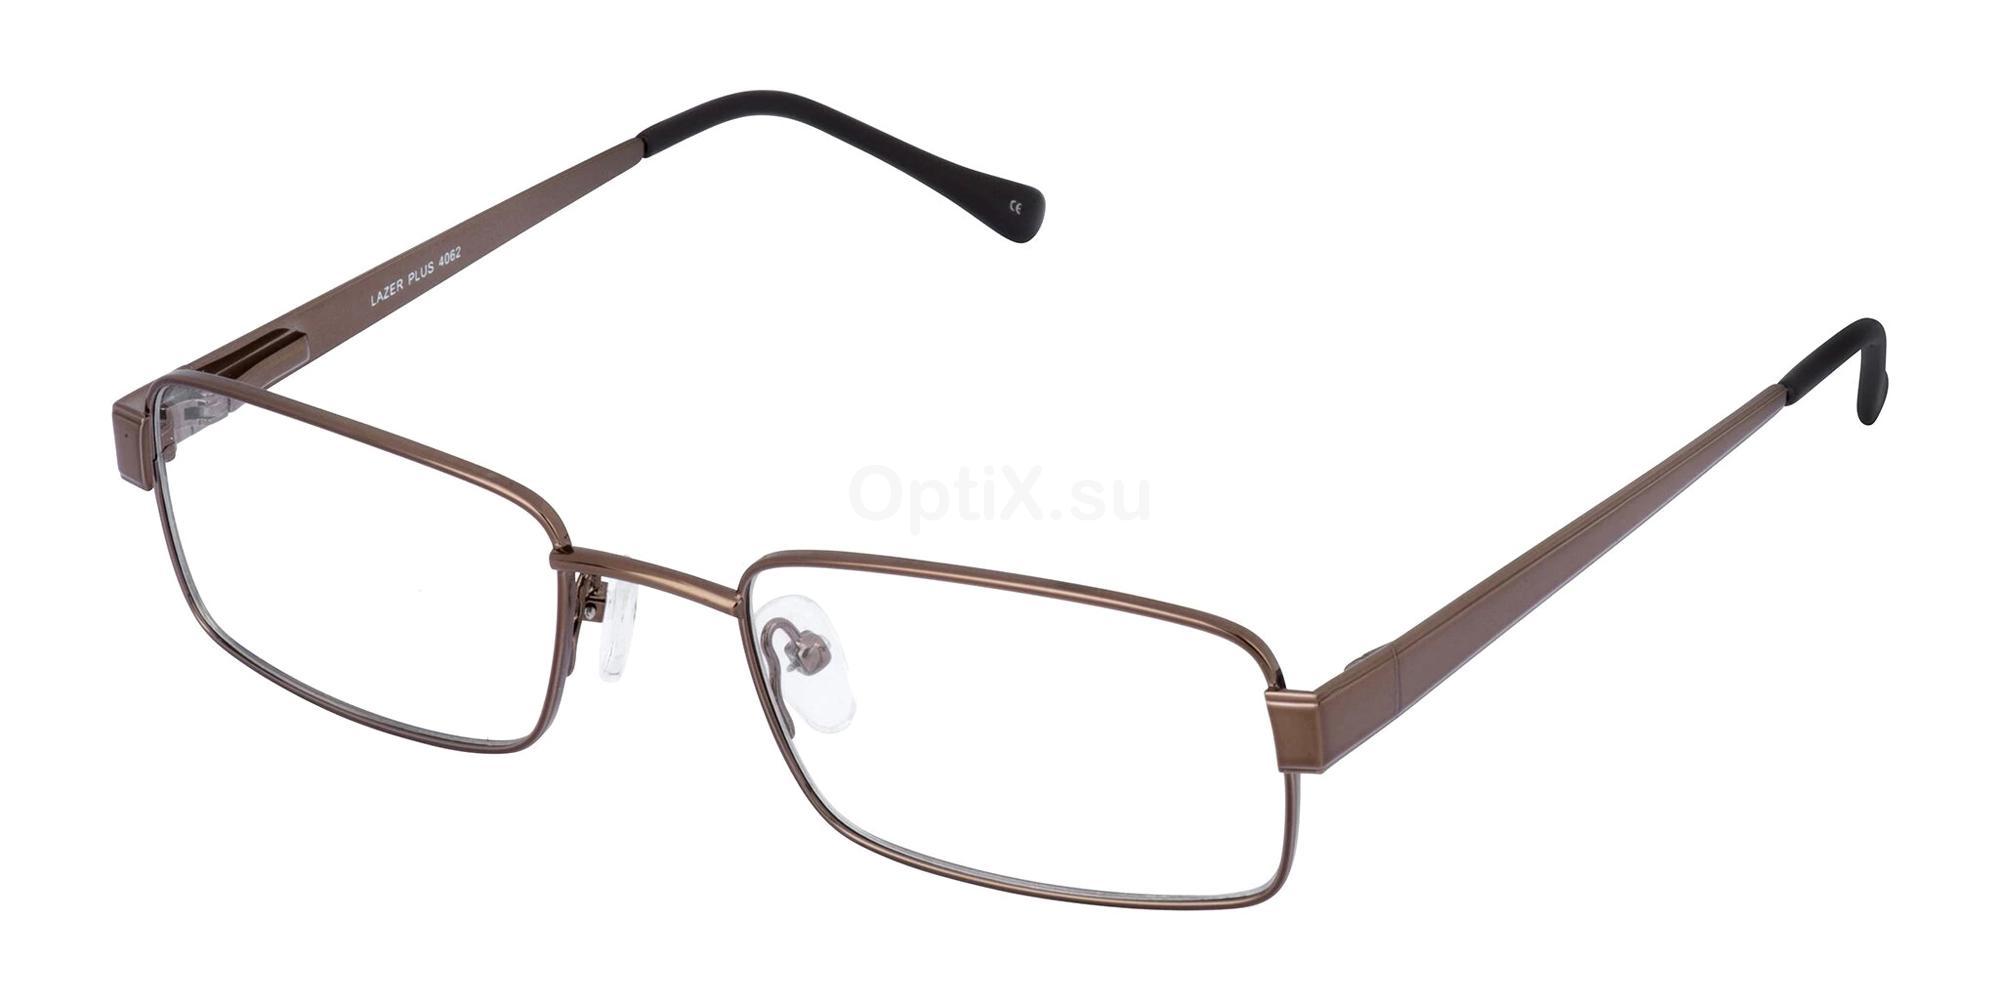 C.513 4062 Glasses, LAZER